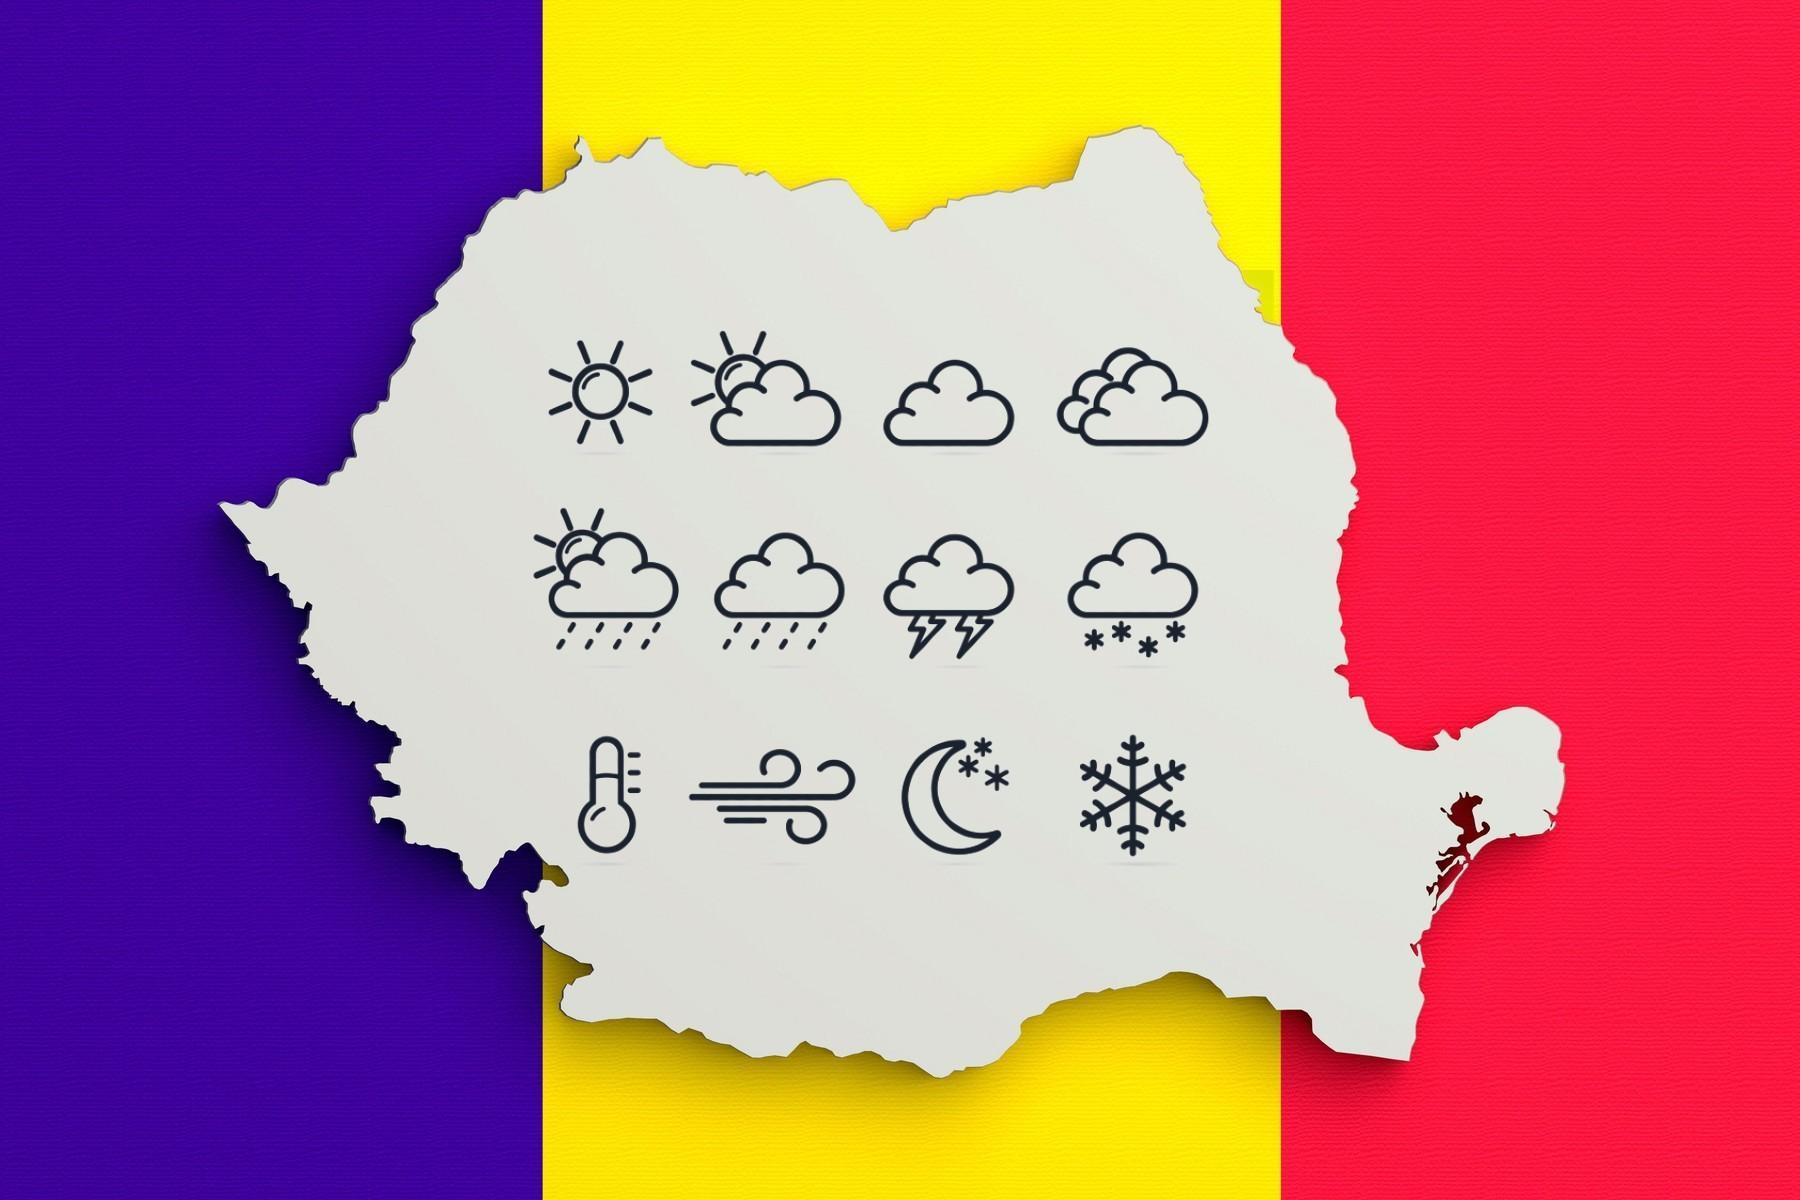 Prognoză meteo 23 octombrie 2020. Cum e vremea în România și care sunt previziunile ANM pentru astăzi